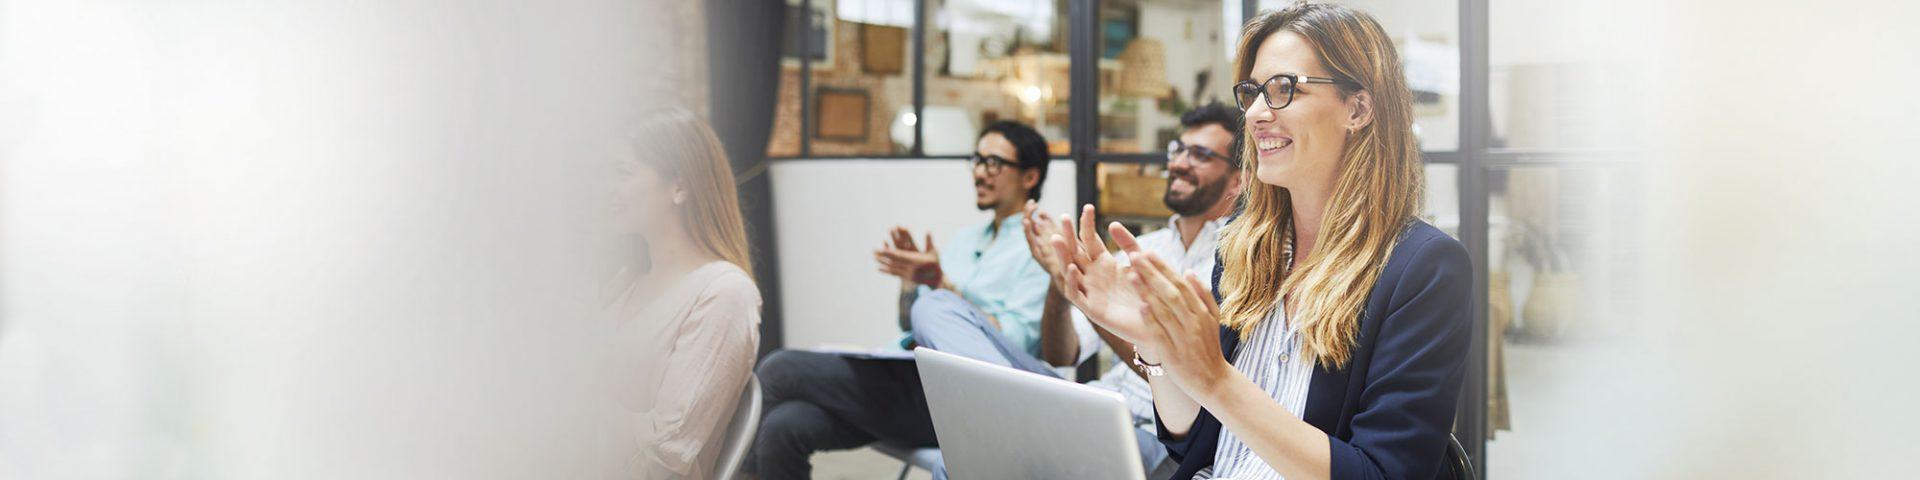 HR Beratung für zufriedene Führungskräfte und zufriedene Mitarbeiter